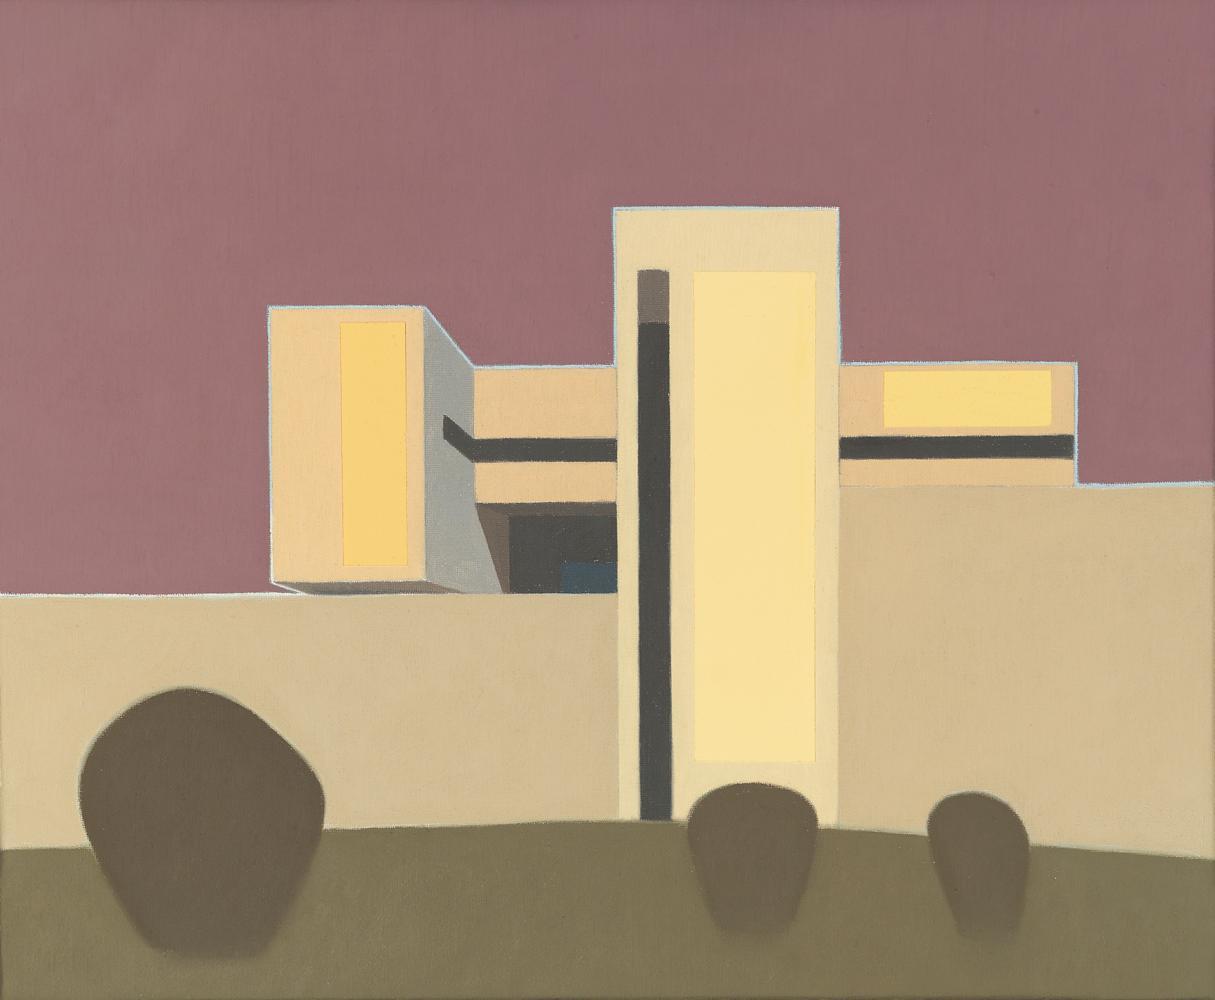 Arquitectura blanca, 38 x 46 cm, óleo lienzo, 2001-3.